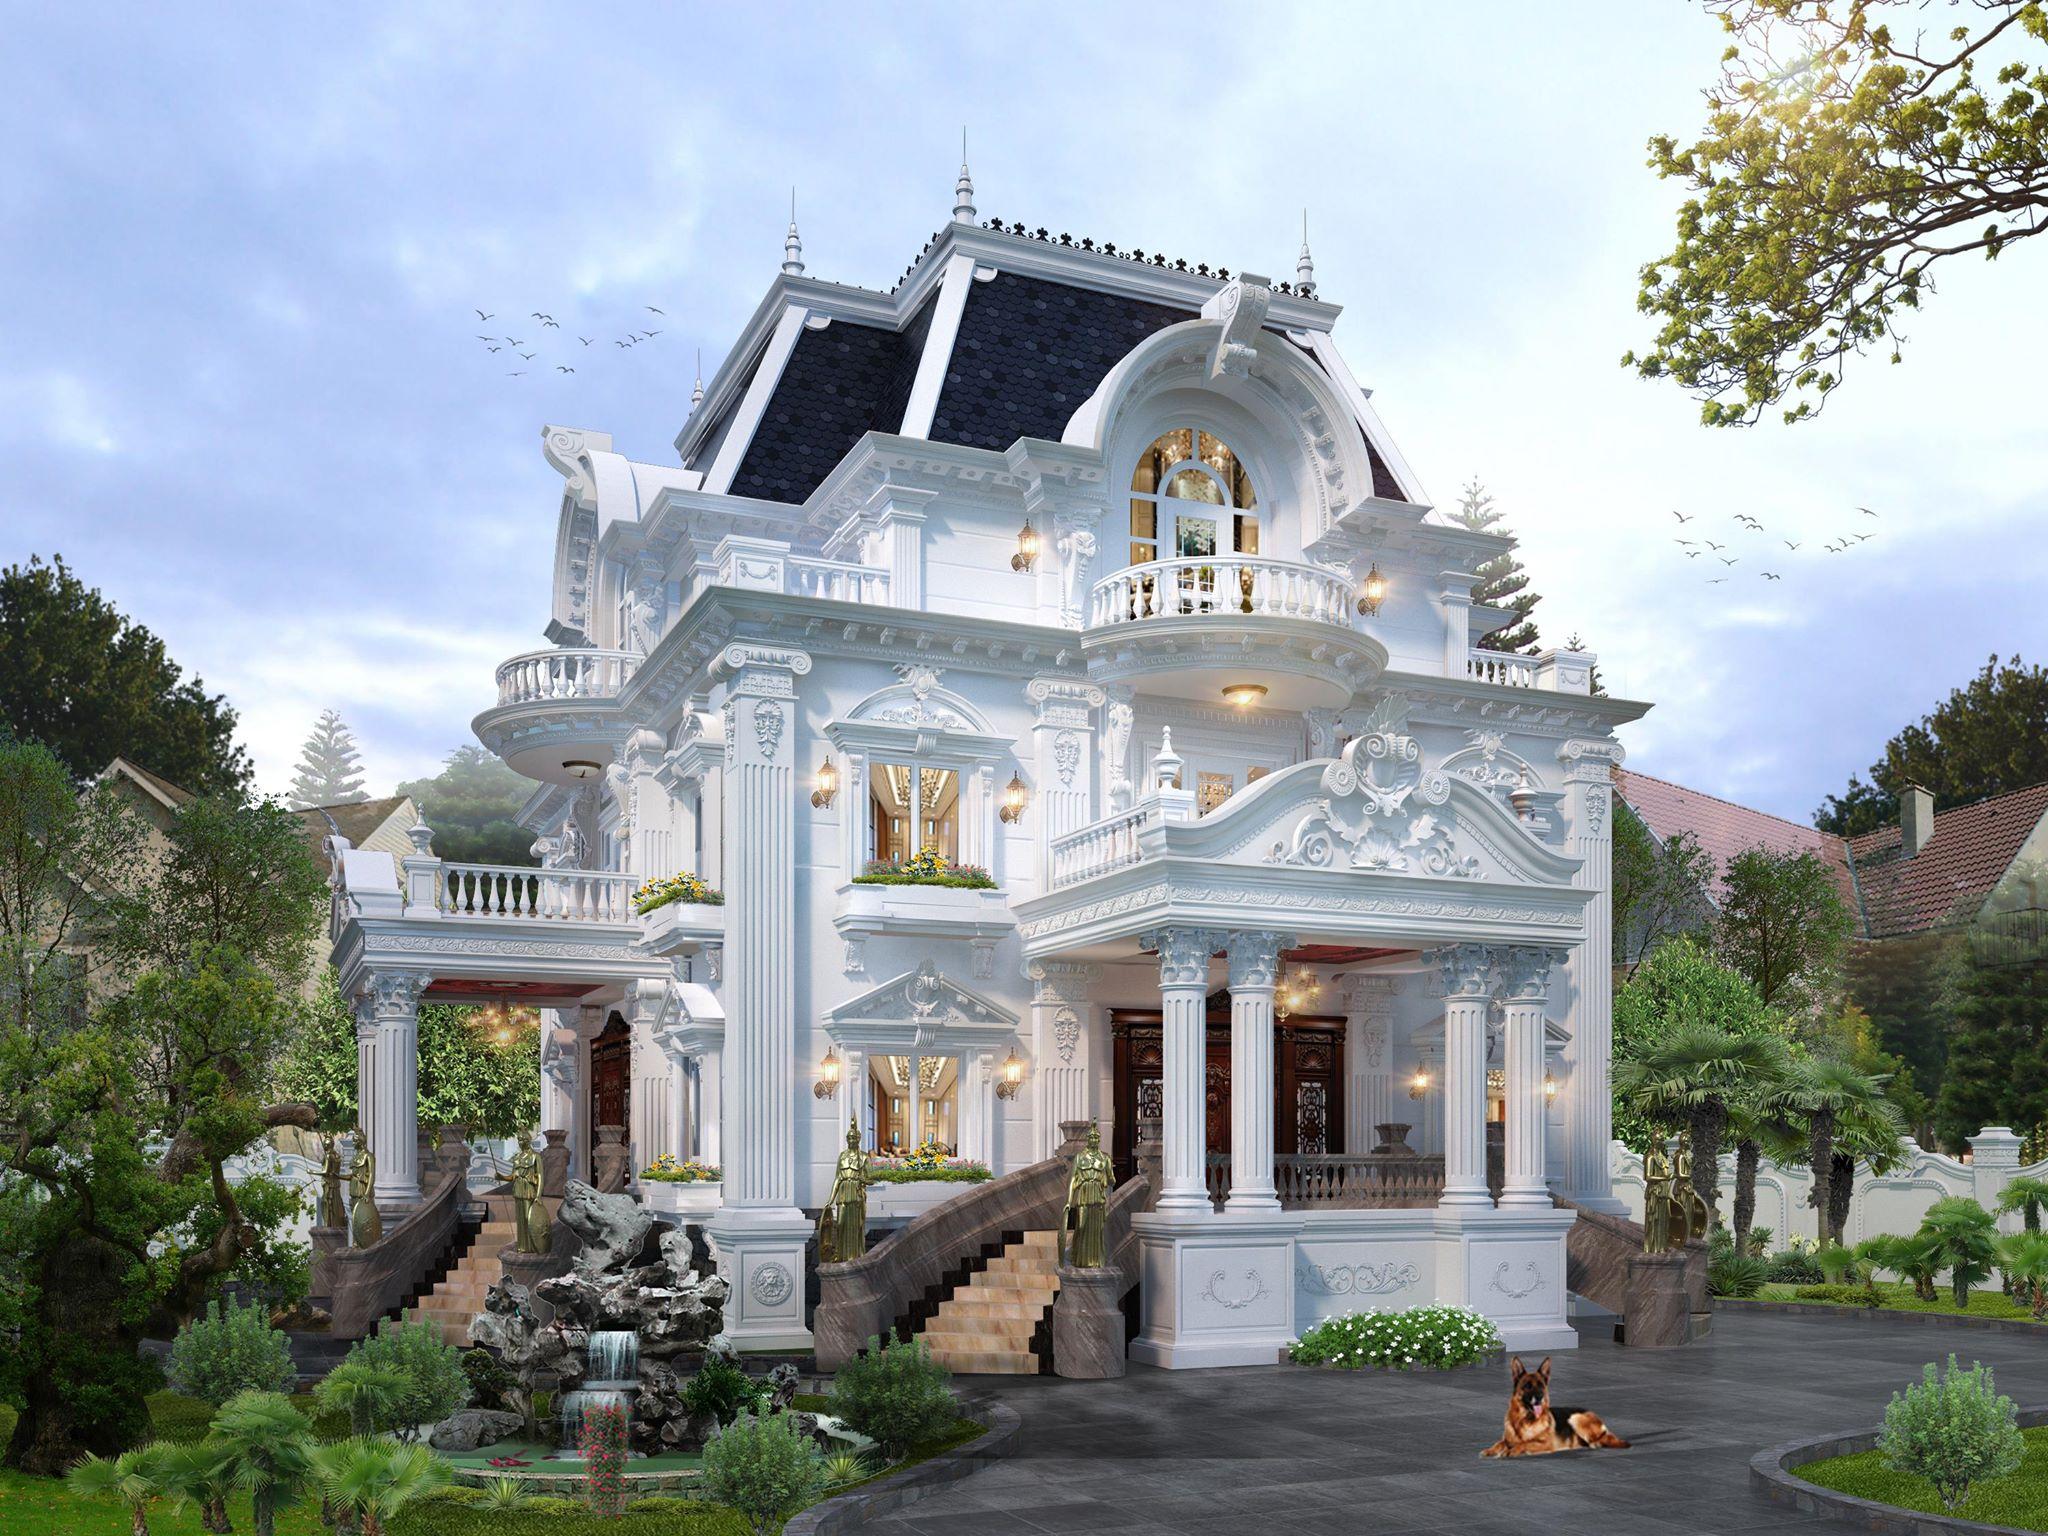 Kiến trúc An Hưng - Luồng gió mới trong làng kiến trúc Việt - Ảnh 2.